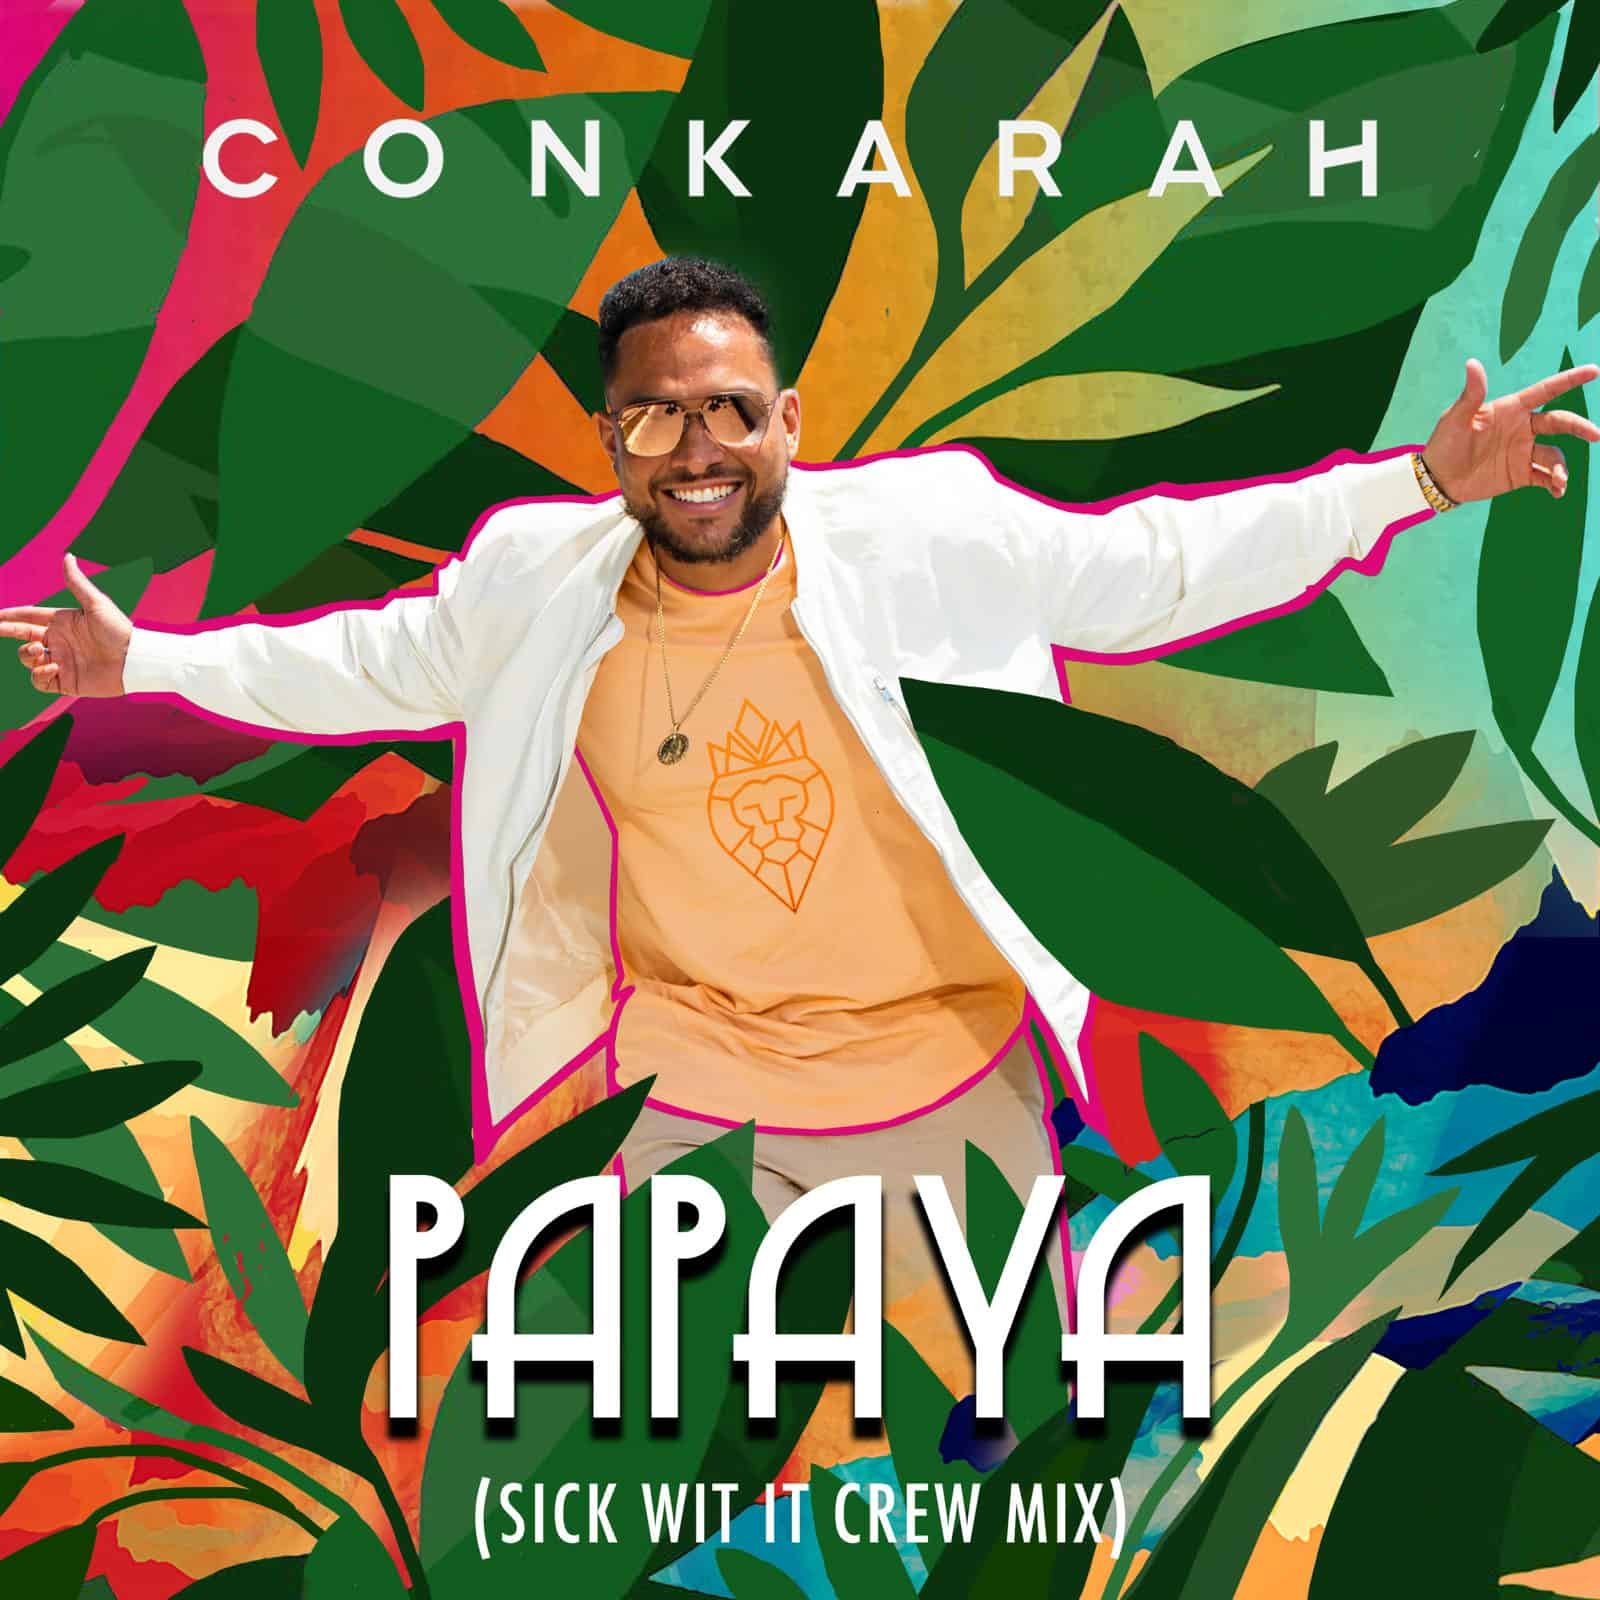 Conkarah - Papaya - Sick Wit It Crew Mix